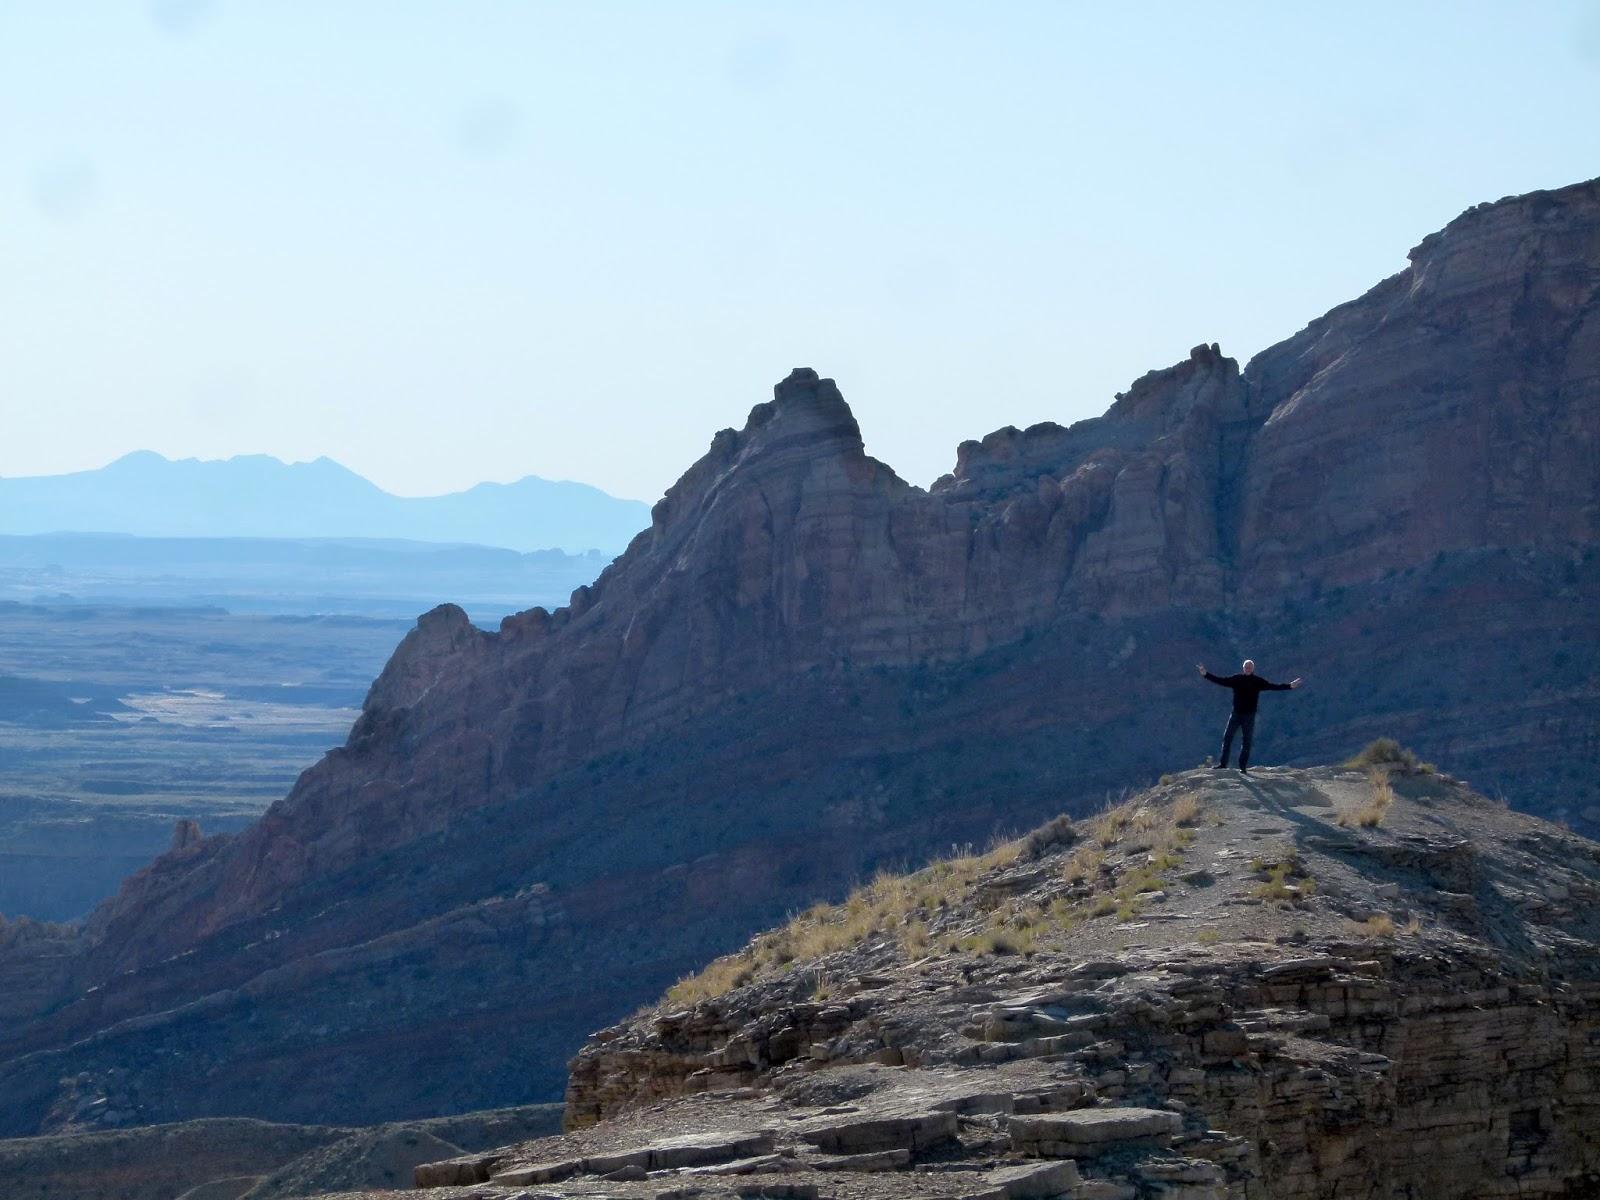 Montana Wilderness Ass'n v. Fry, 310 F. Supp. 2d 1127 (D ...